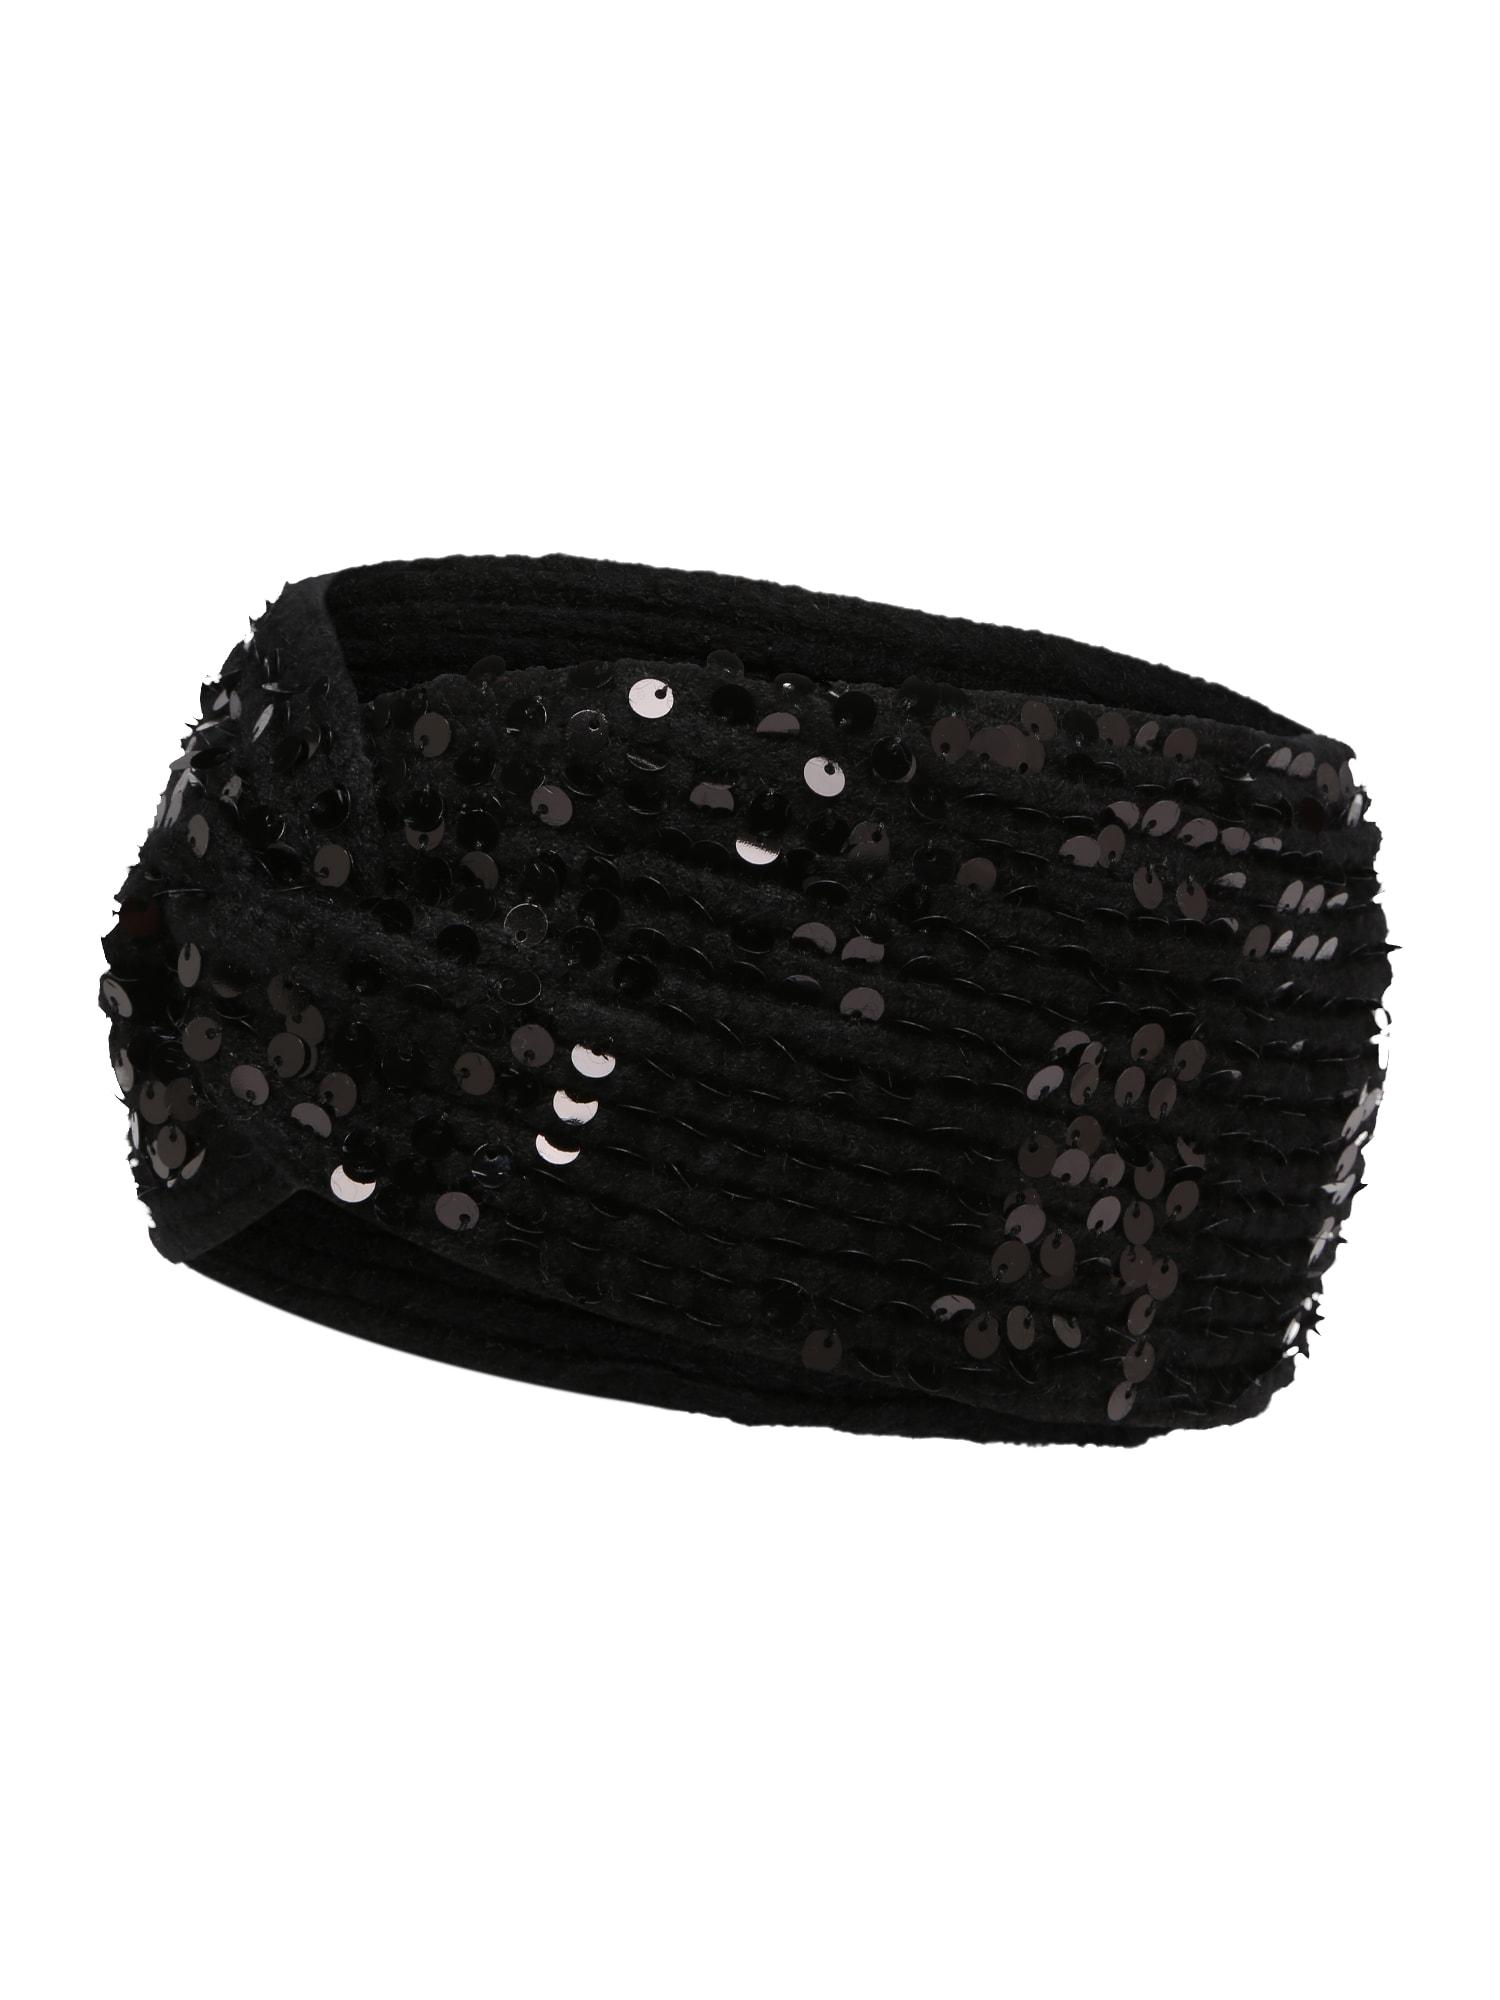 Stirnband 'INDIE' | Accessoires > Mützen > Stirnbänder | Pieces